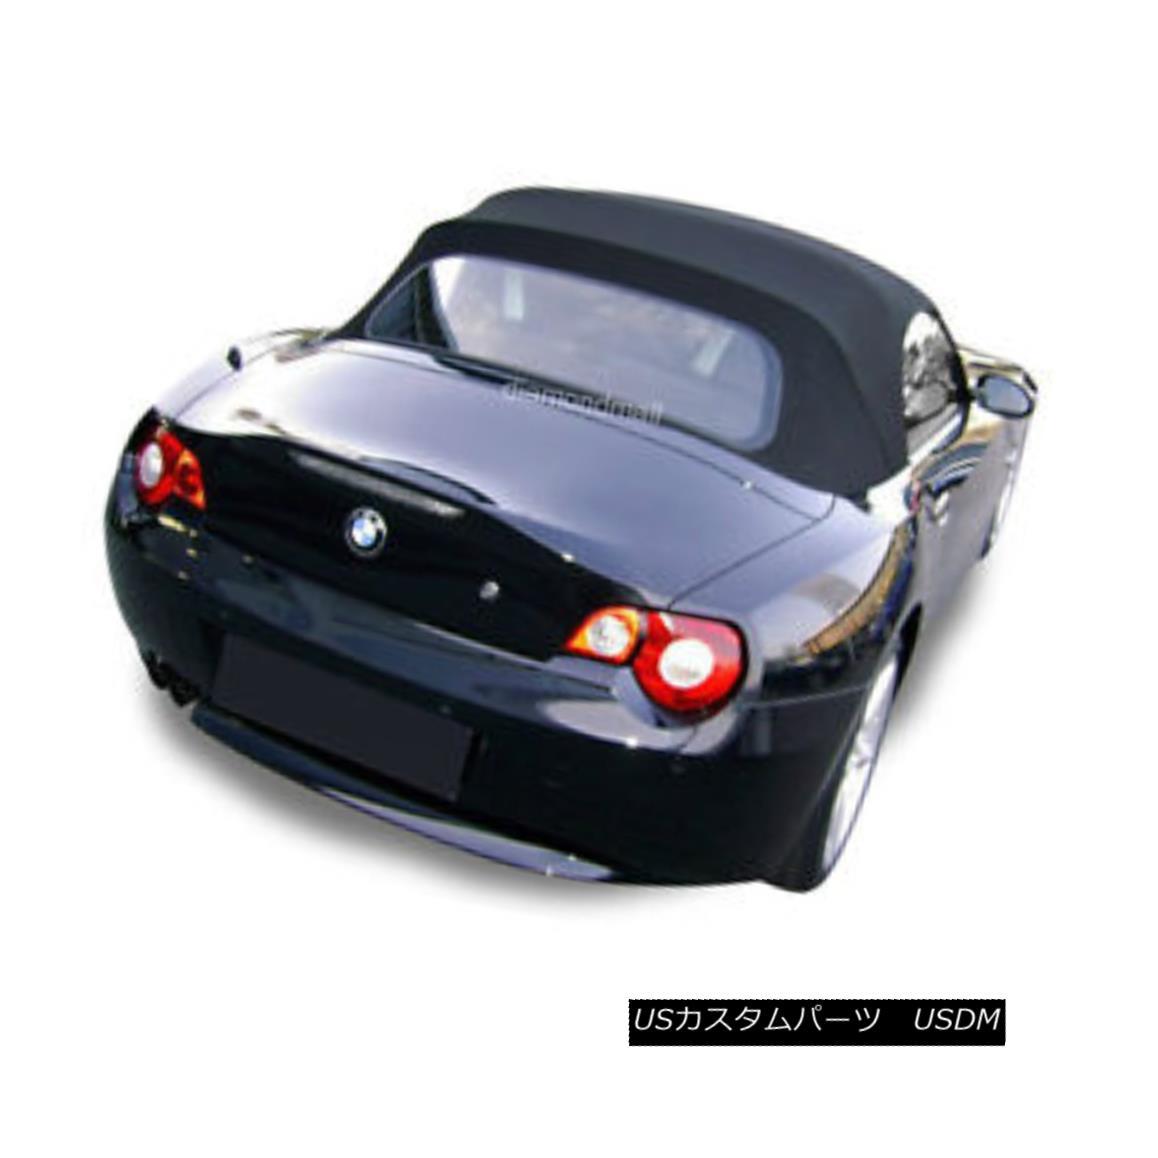 幌・ソフトトップ BMW Z4 2003-2008 Convertible Soft Top Replacement & Glass Window Black Stayfast BMW Z4 2003-2008コンバーチブルソフトトップ交換& ガラス窓ブラックステイファースト